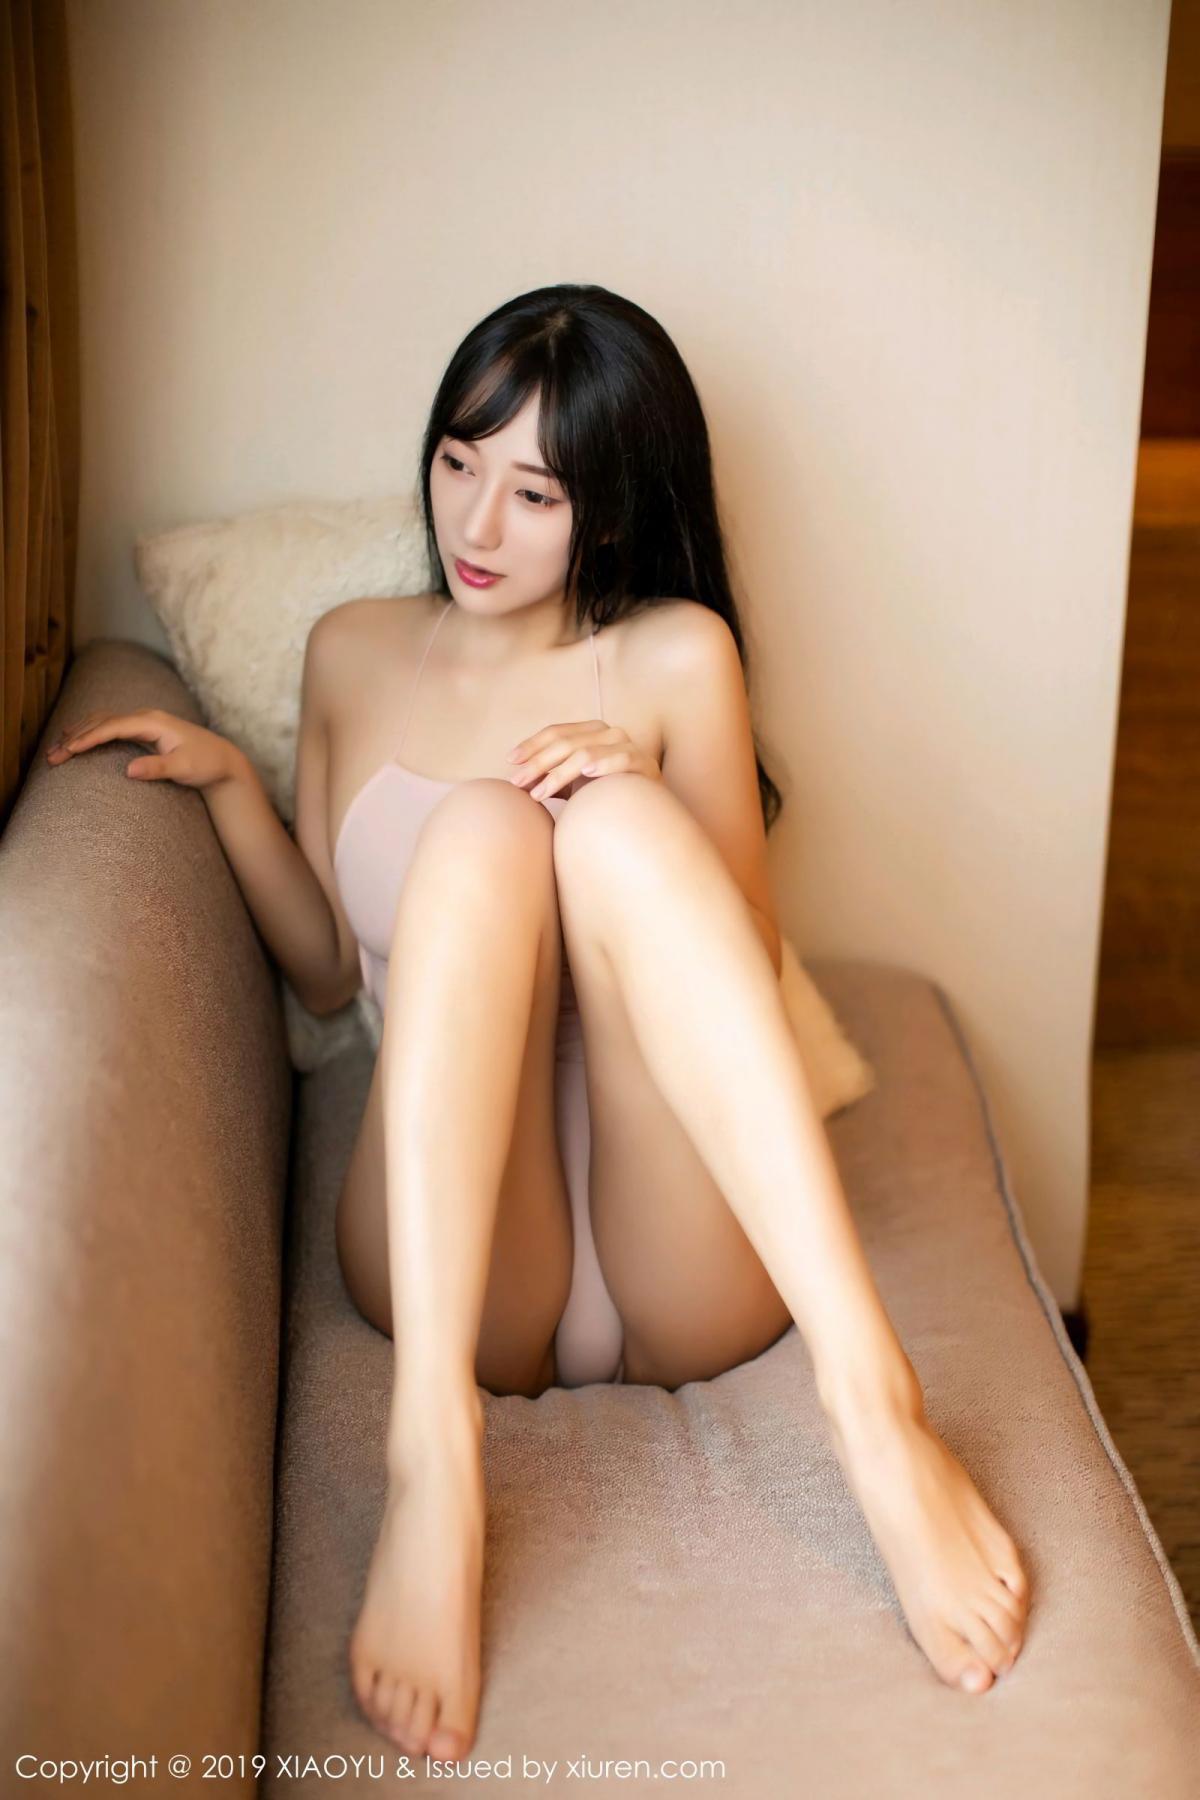 [XiaoYu] Vol.097 He Jia Ying 30P, He Jia Ying, Tall, XiaoYu